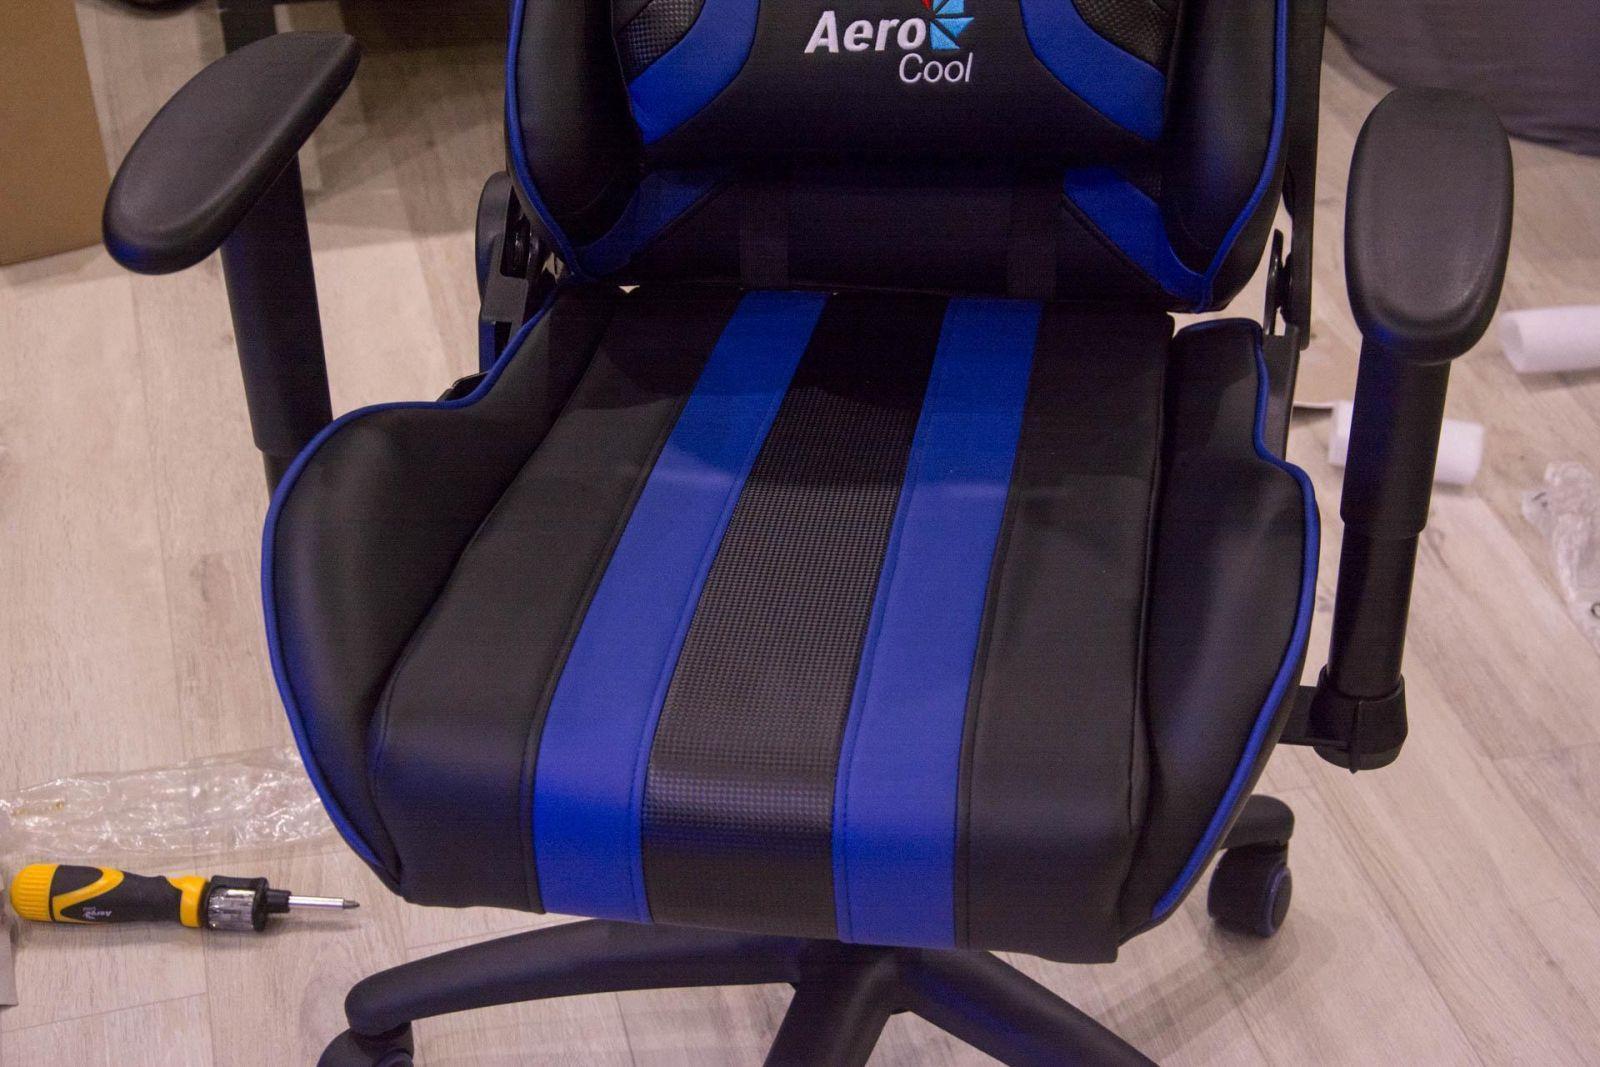 Геймерский трон. Обзор кресла AeroCool AC120 (DSC 3941)